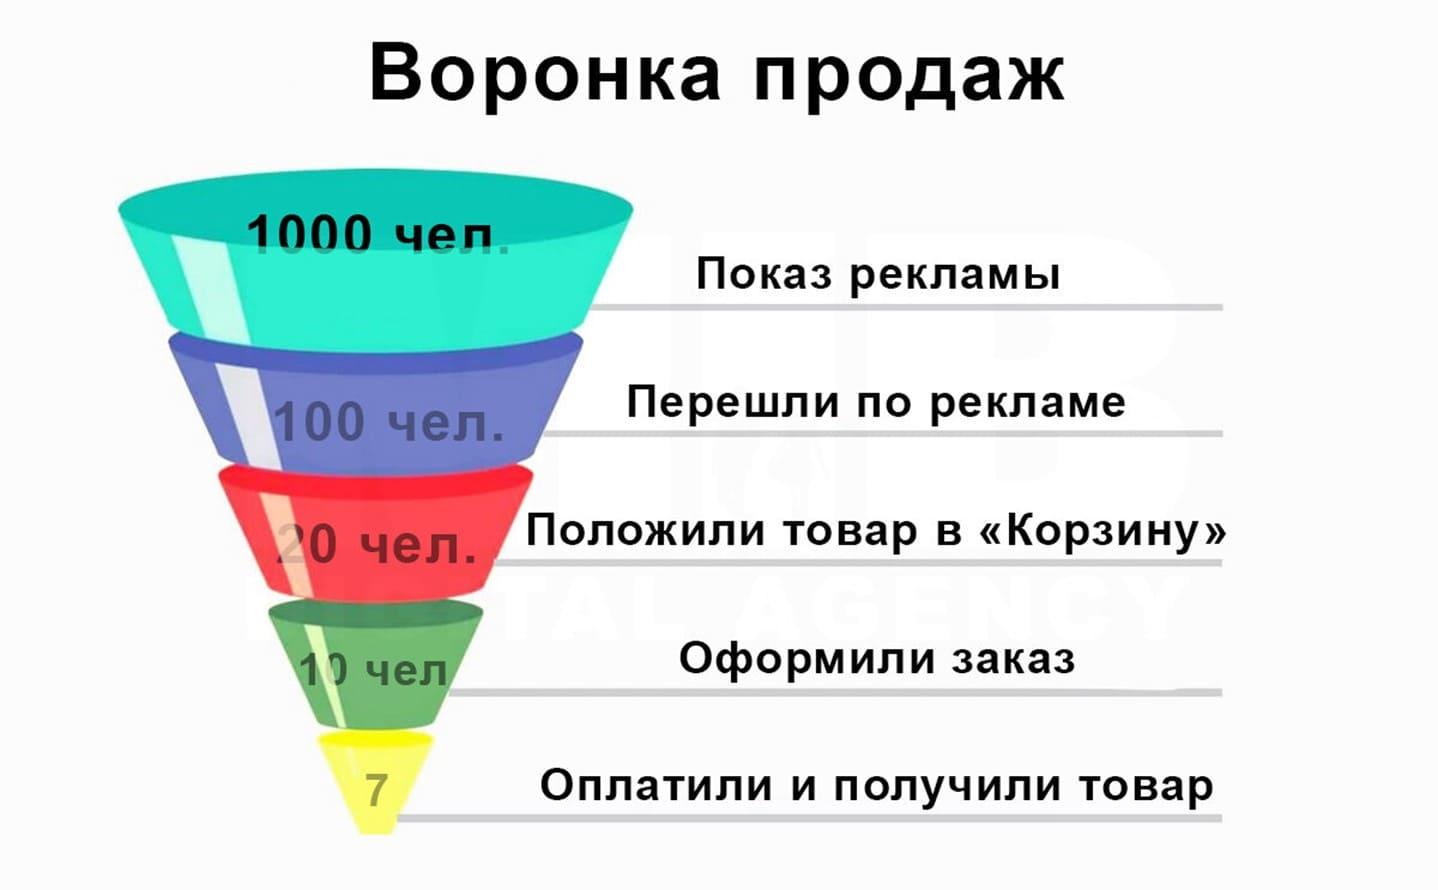 Как выгляди воронка продаж